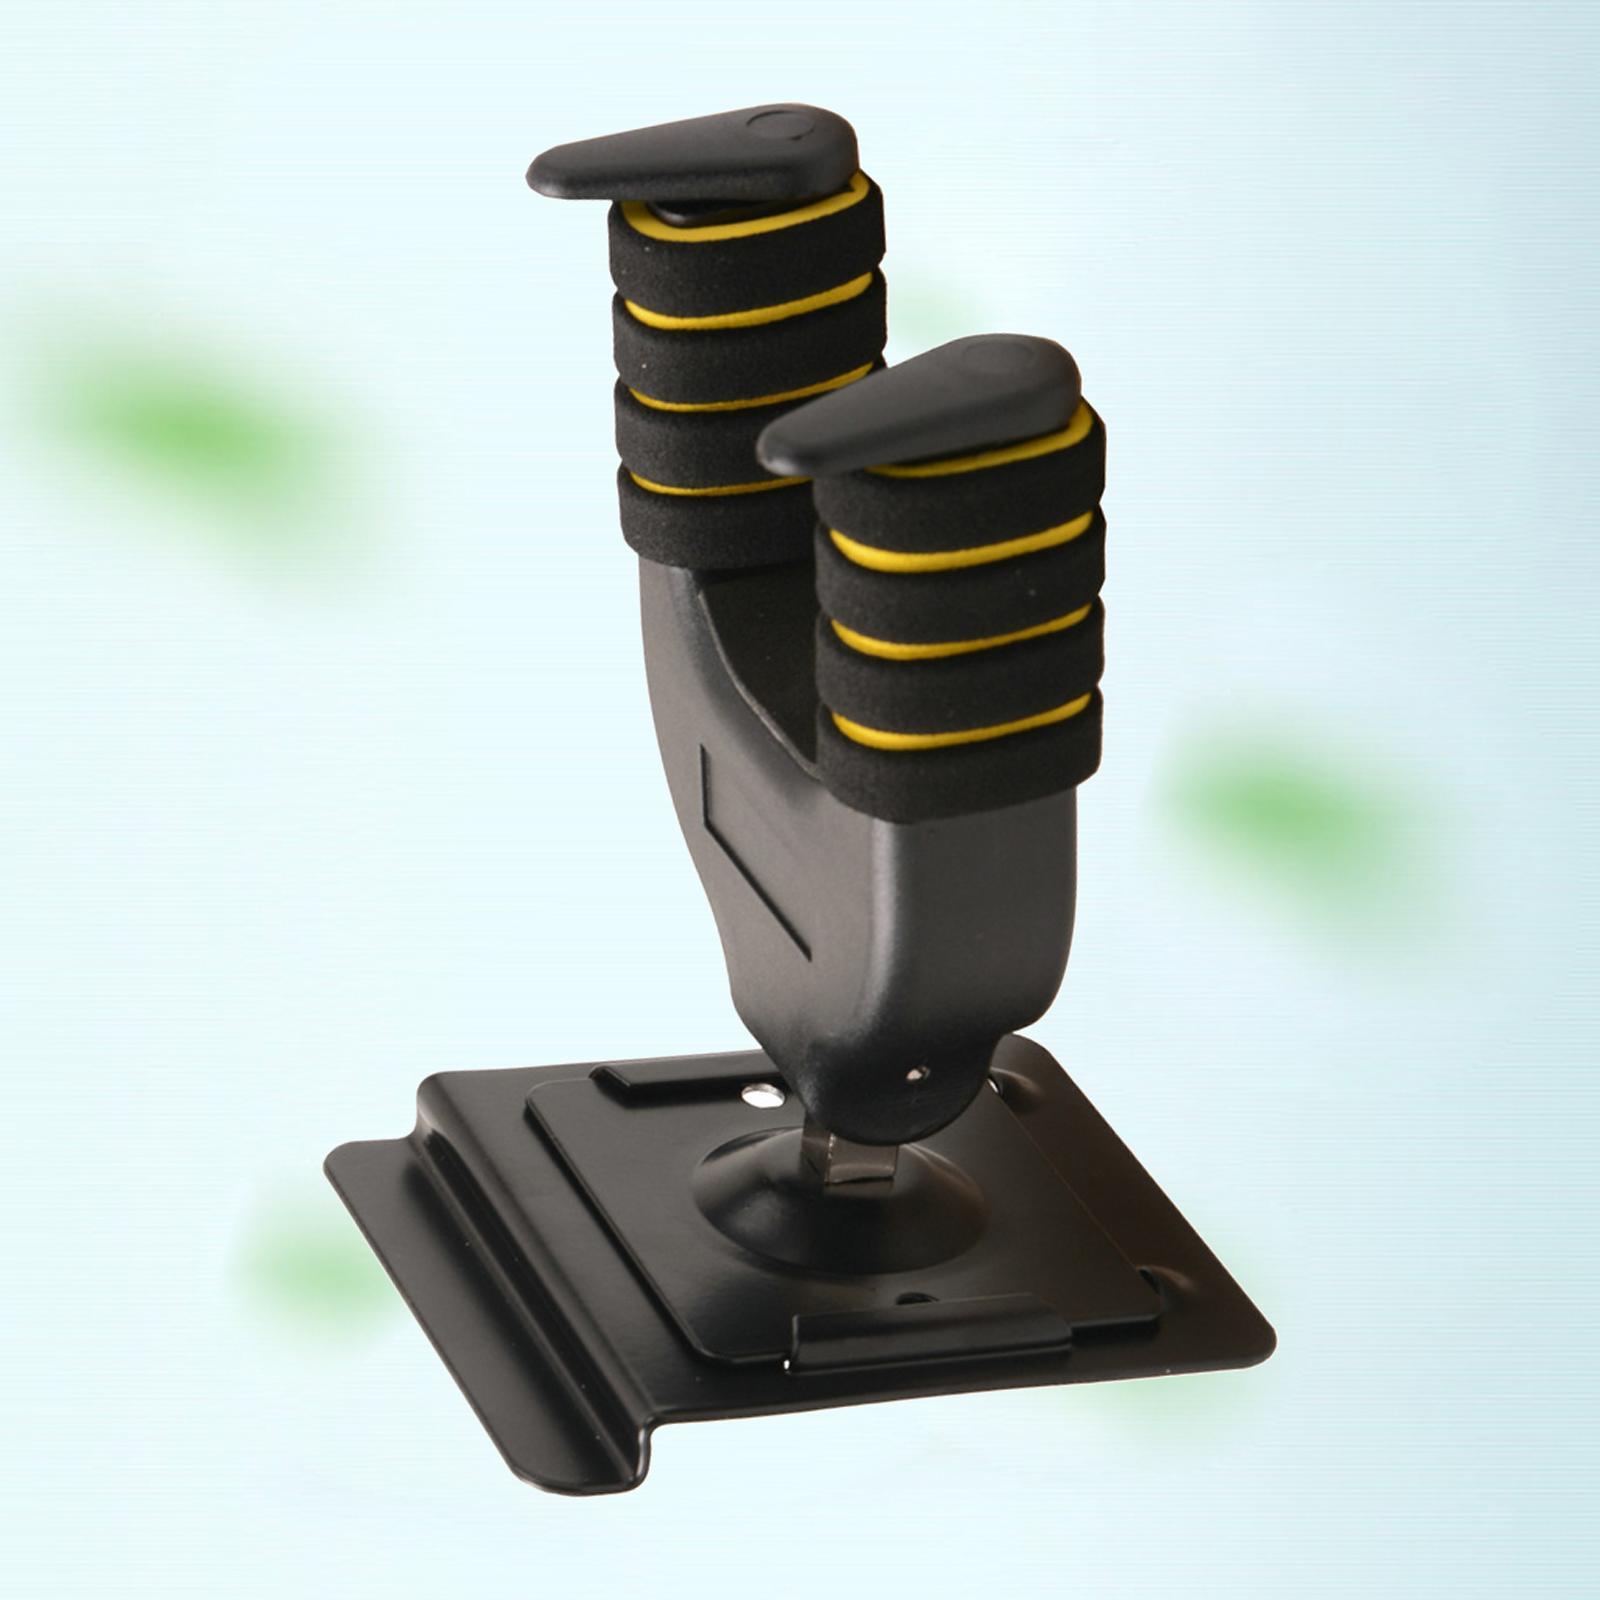 miniatura 2 - Montaggio a parete Chitarra Gancio Del gancio Del Supporto di Auto-Lock per